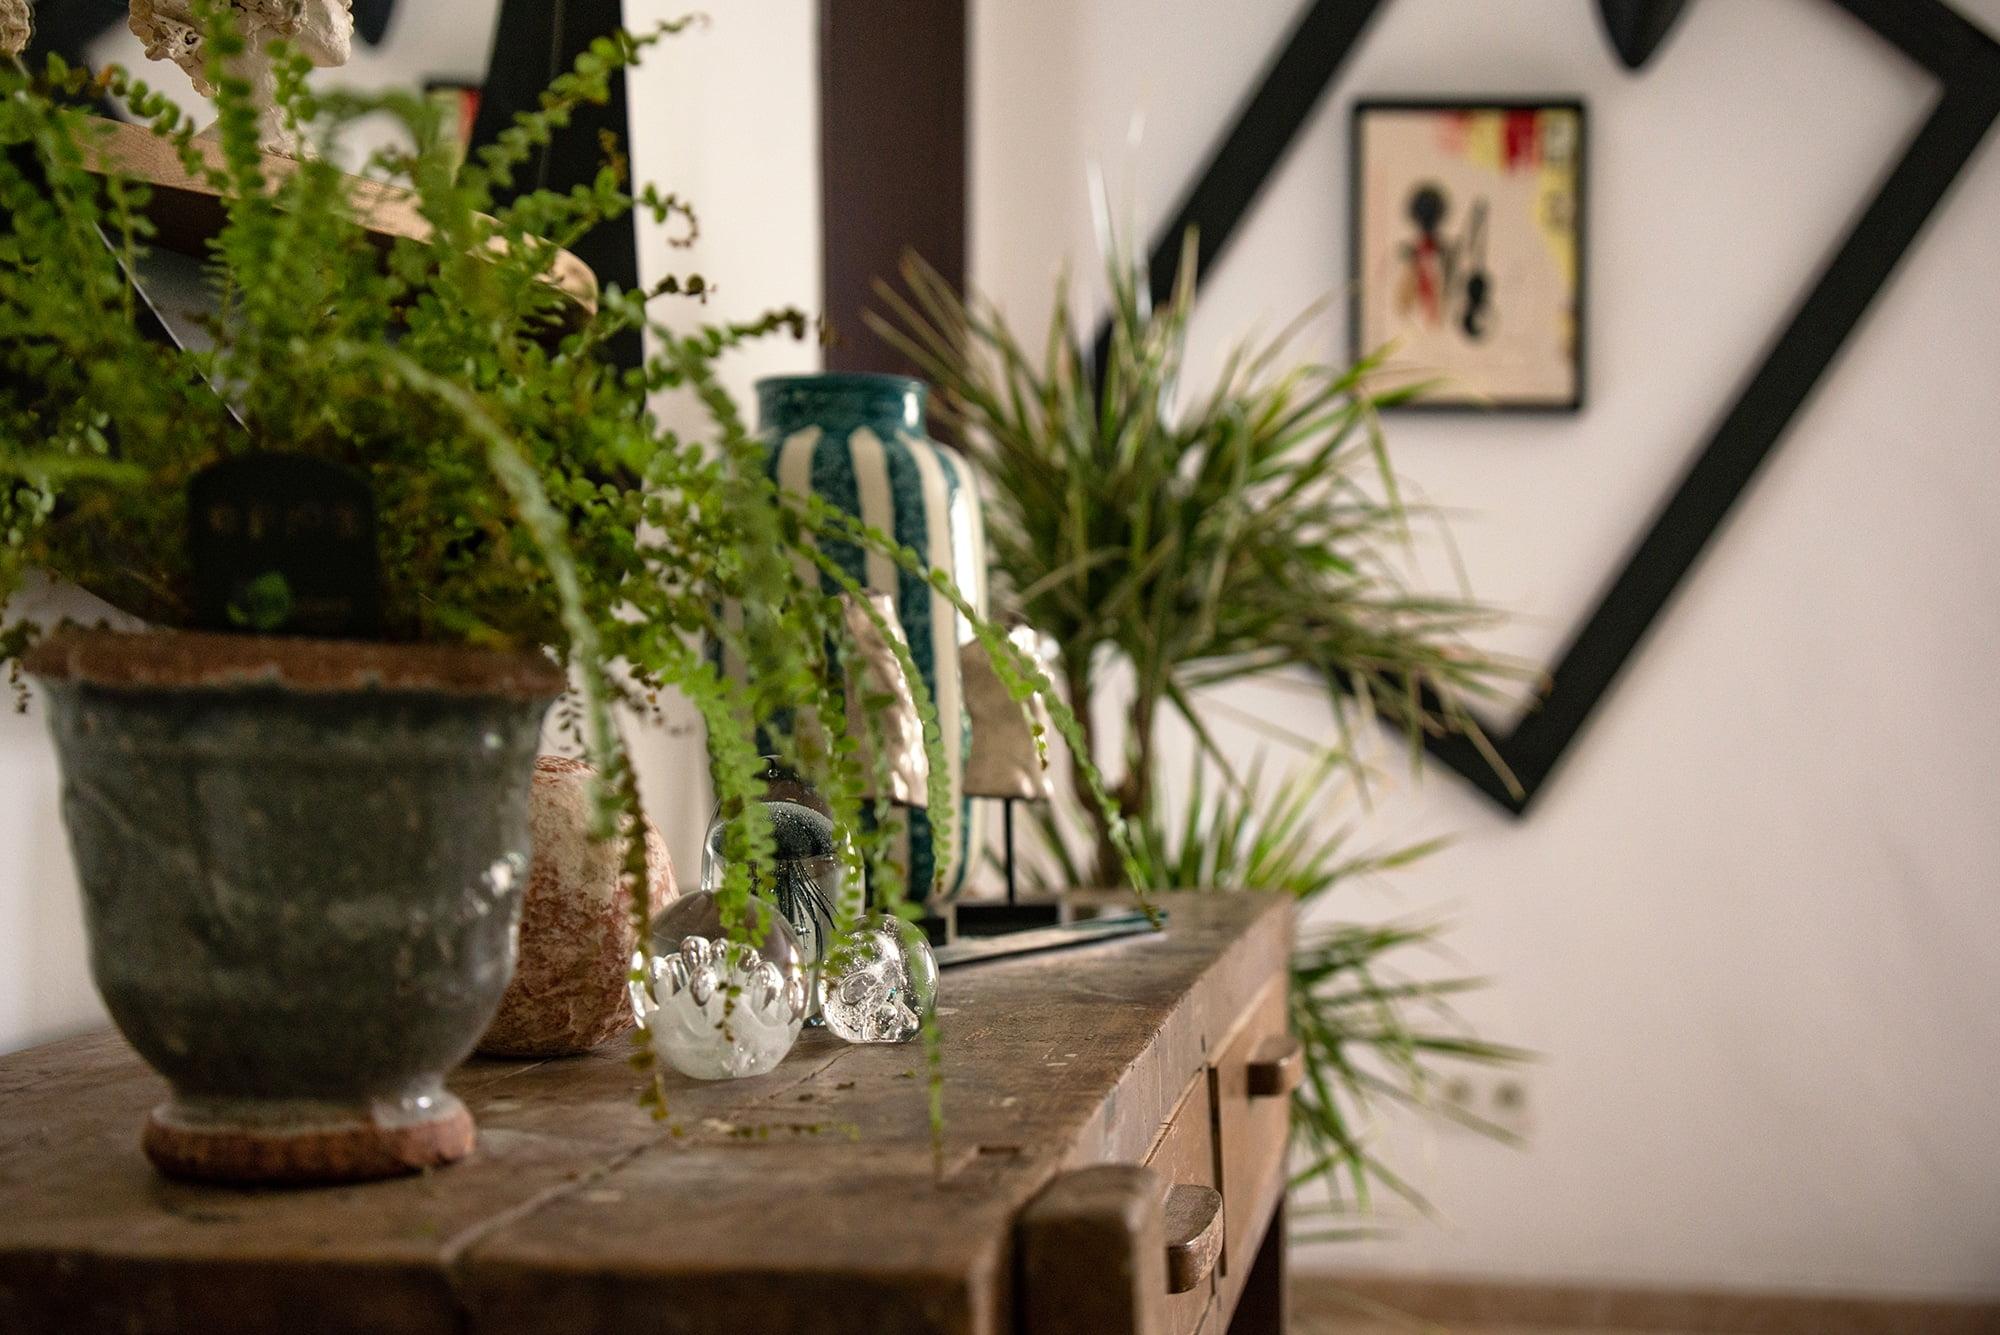 Rénovation et décoration d'un mas, à proximité de Avignon, par Kty.L Décoratrice d'intérieur : détail objet décoration et établi de récupération